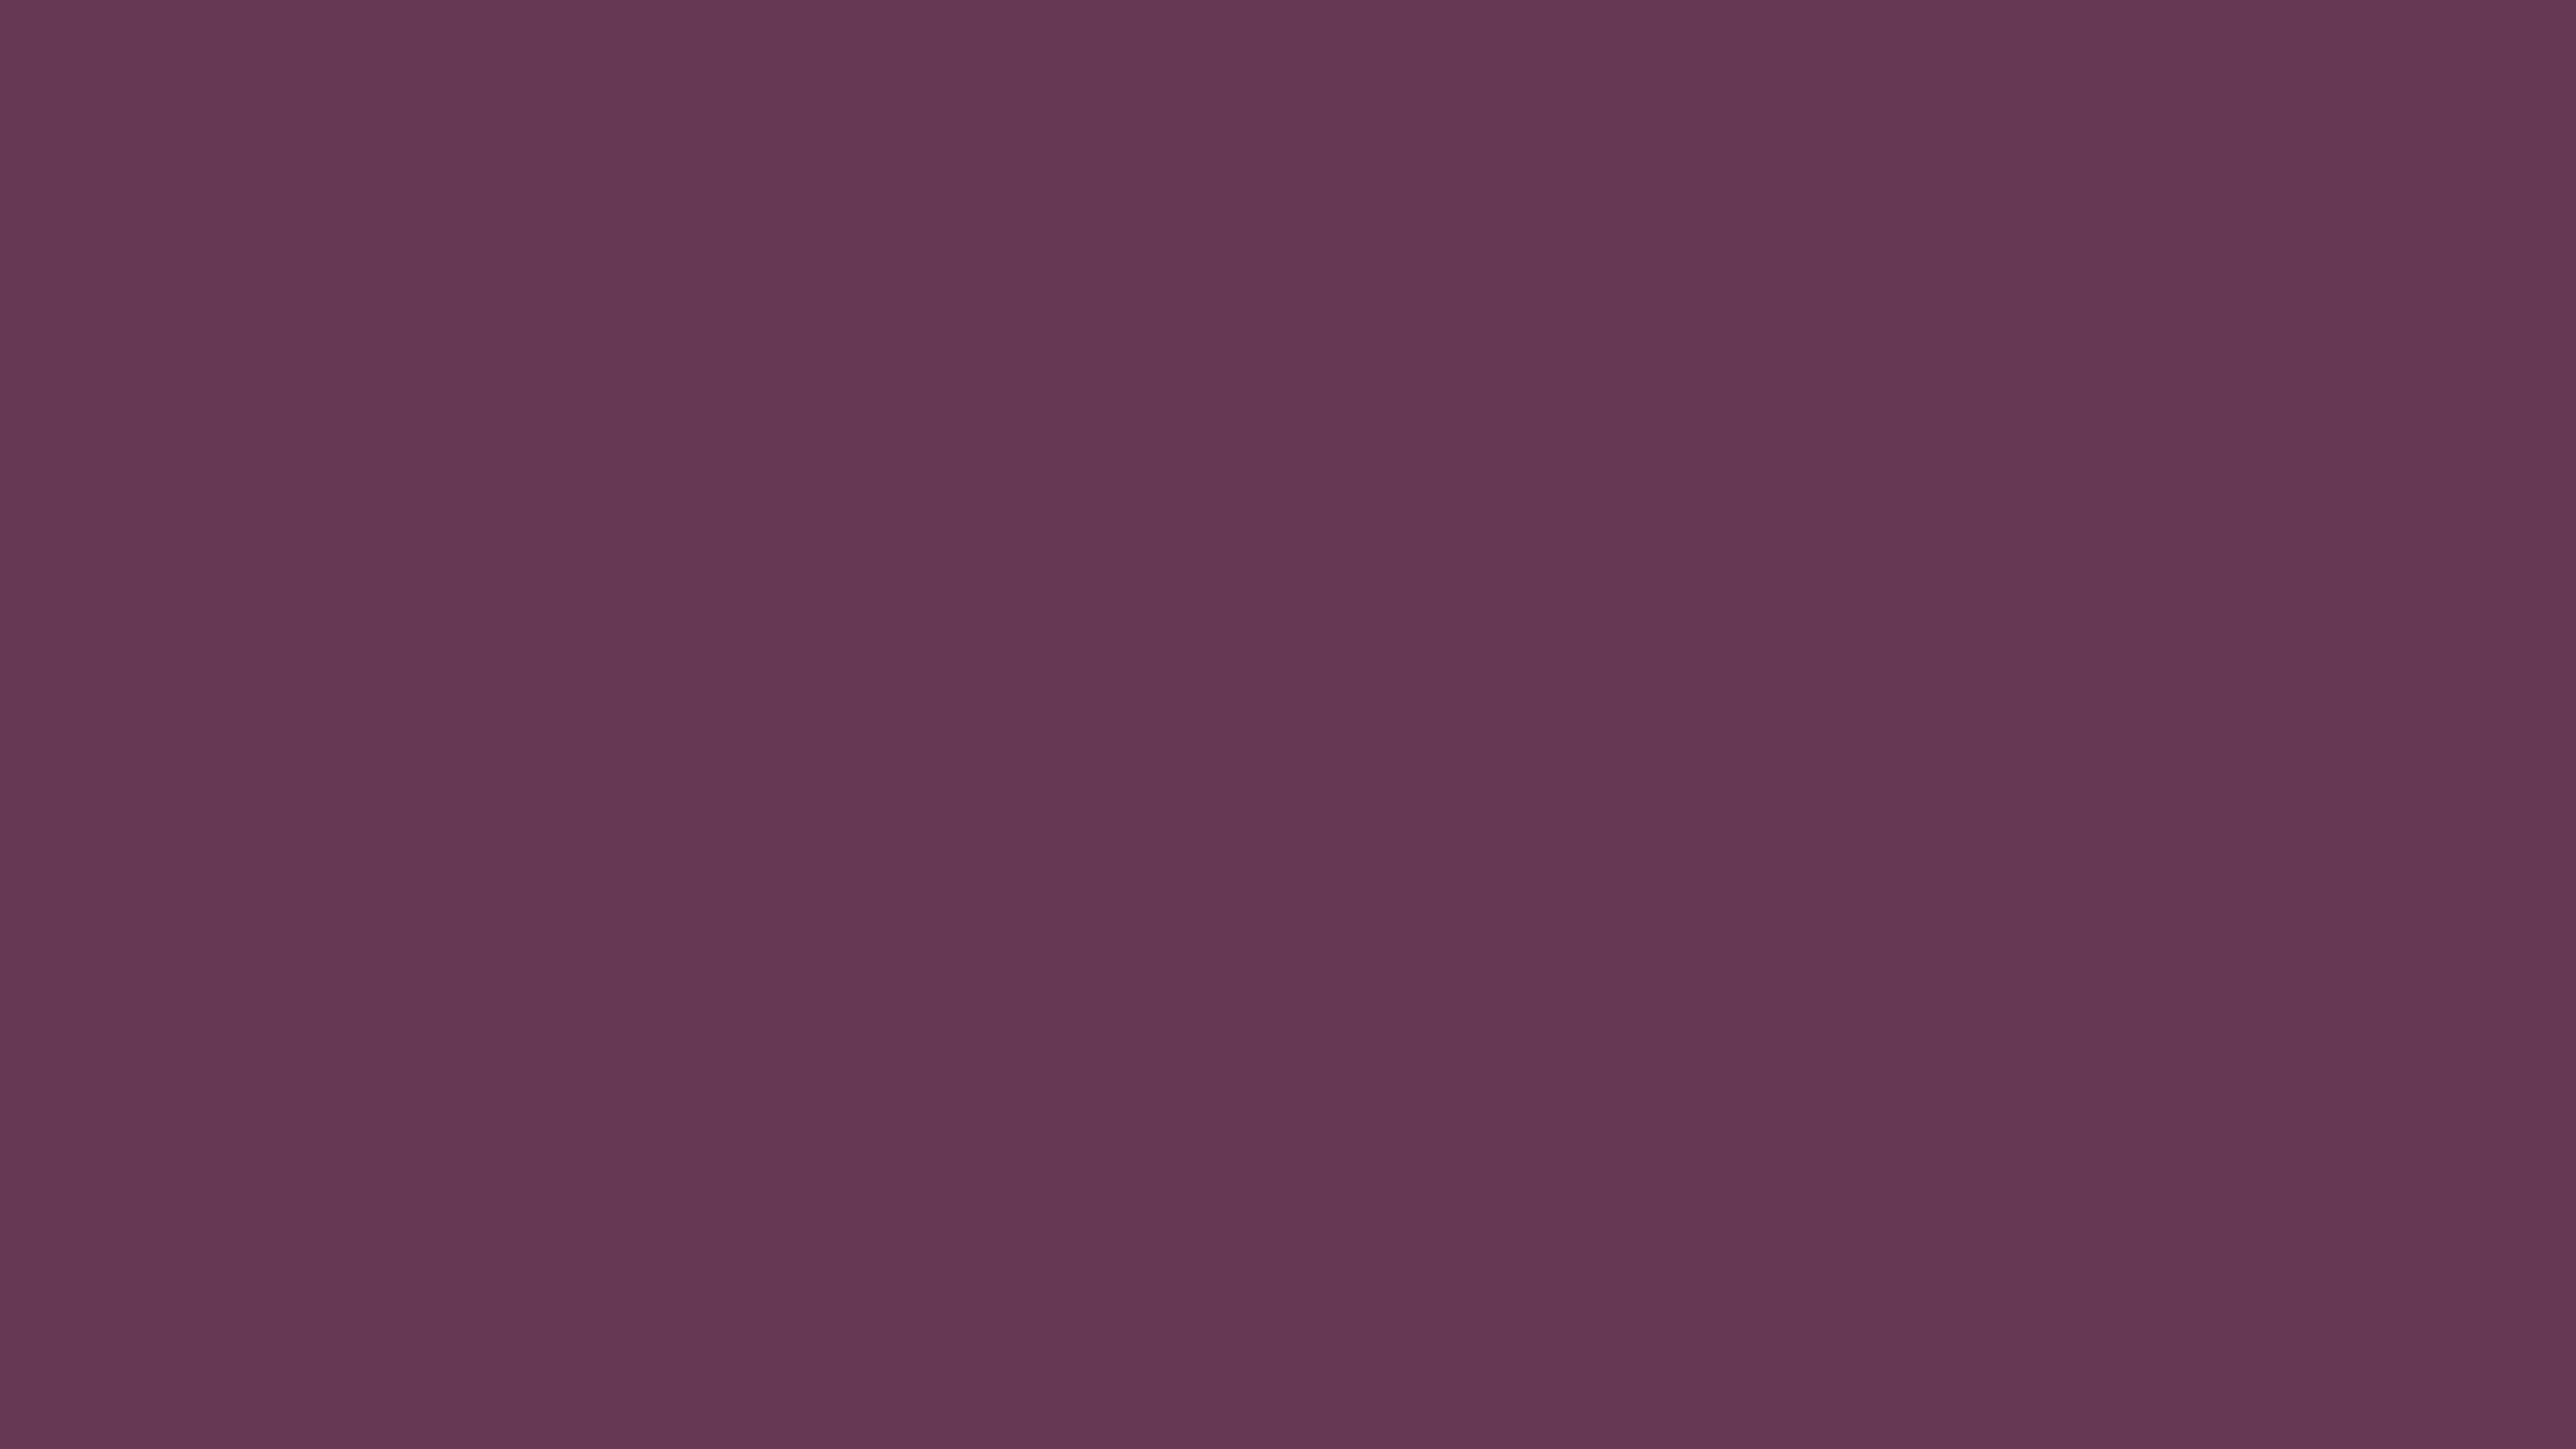 3840x2160 Halaya Ube Solid Color Background